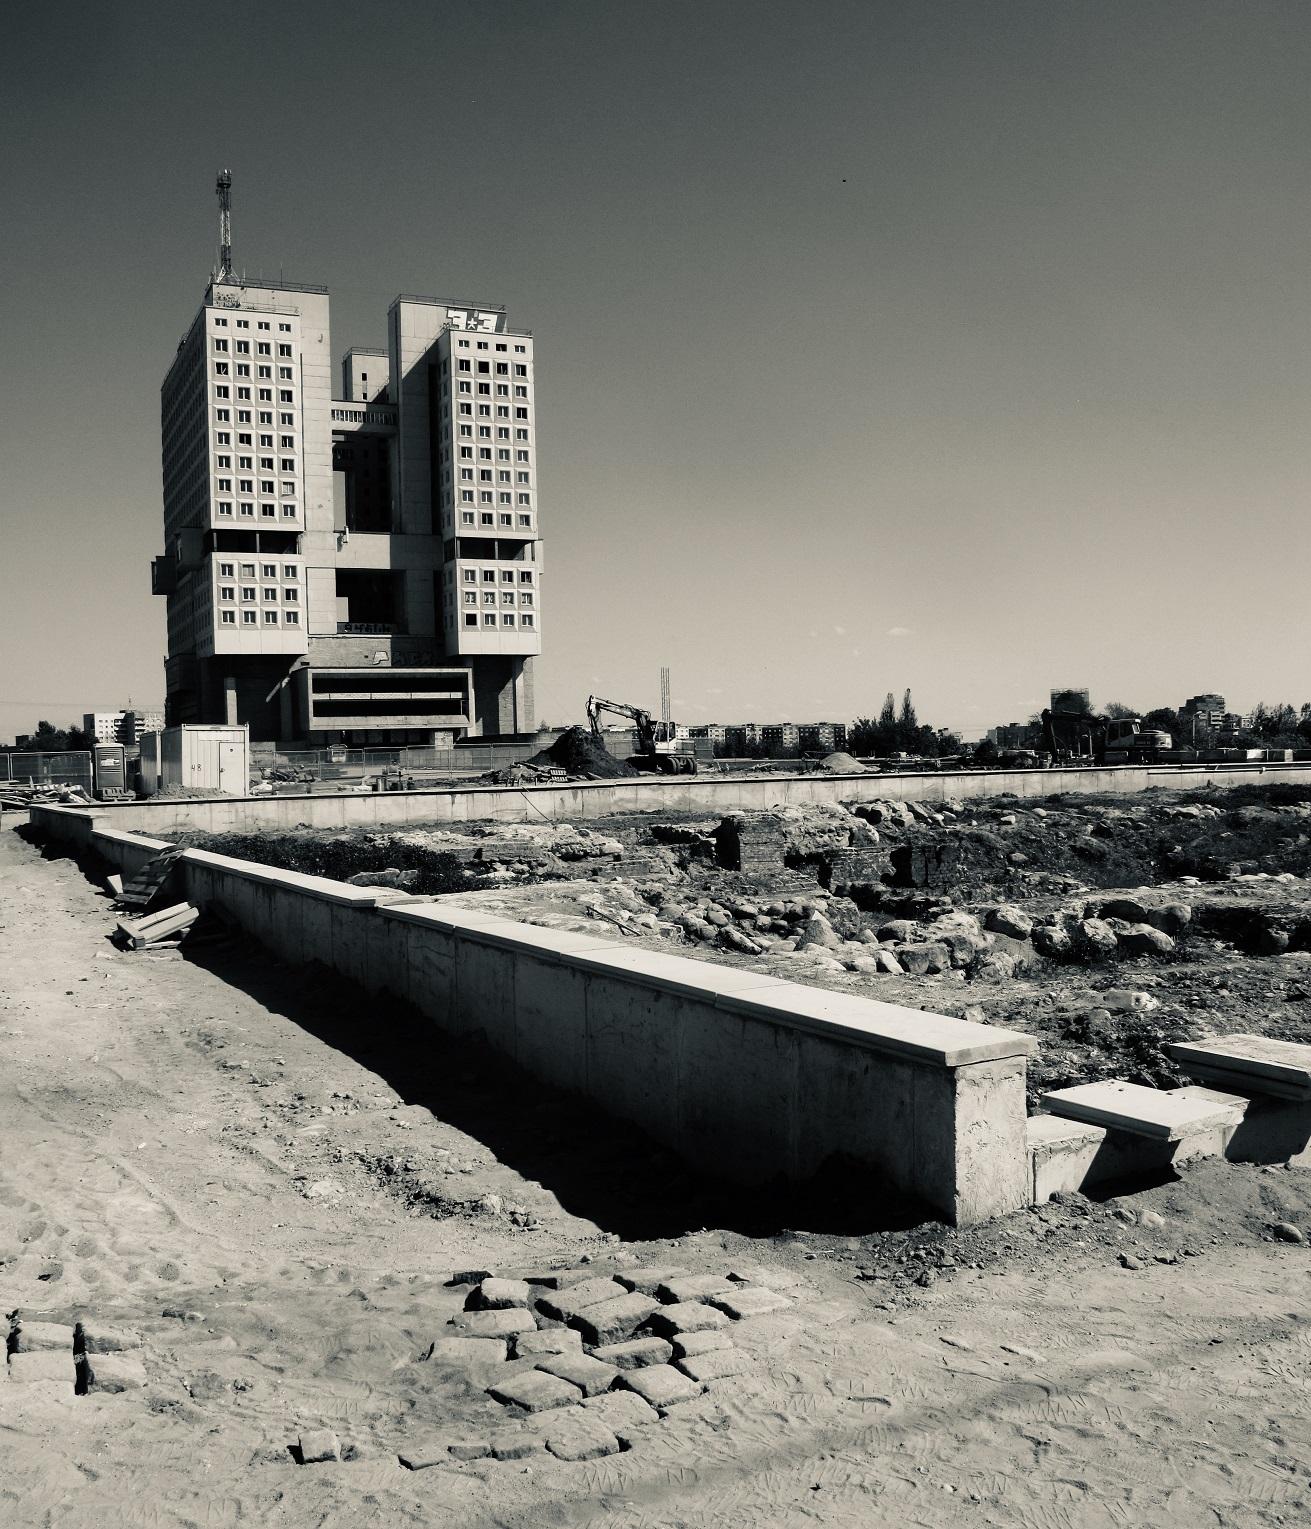 nella foto in bianco e nero si vede un palazzo, il palazzo dei soviet, con un'antenna sul tetto.